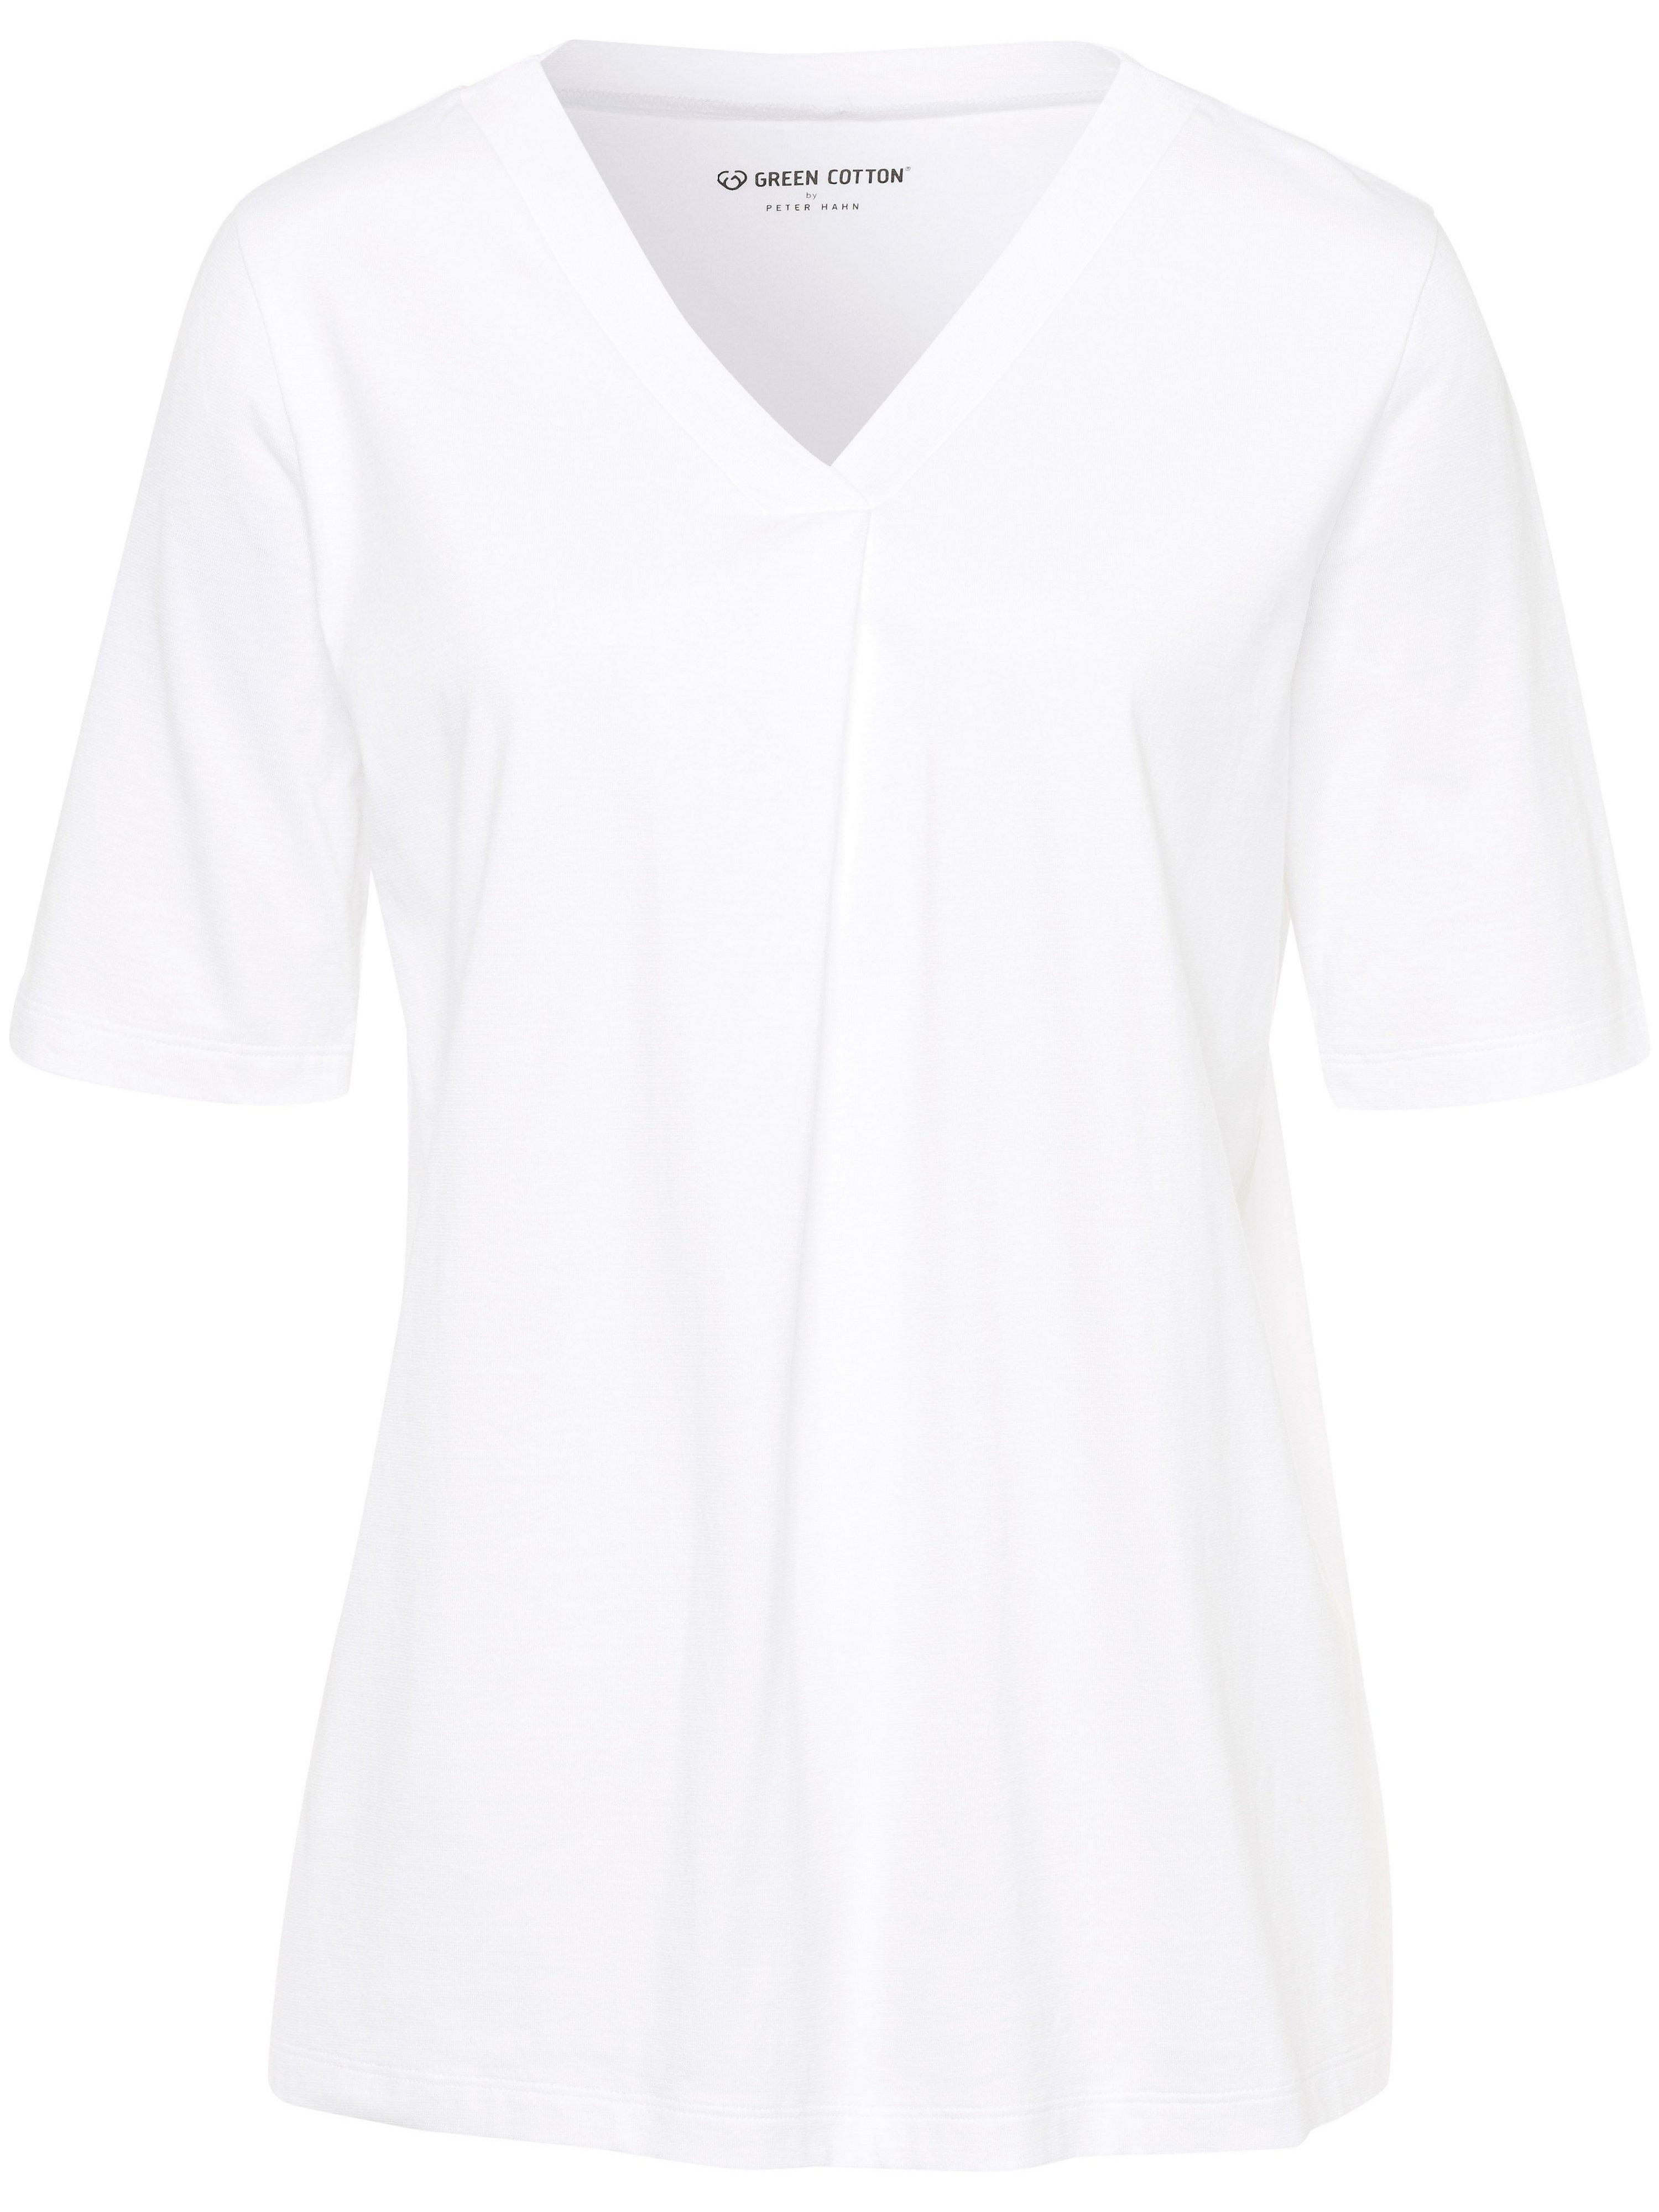 green cotton - T-Shirt  weiss